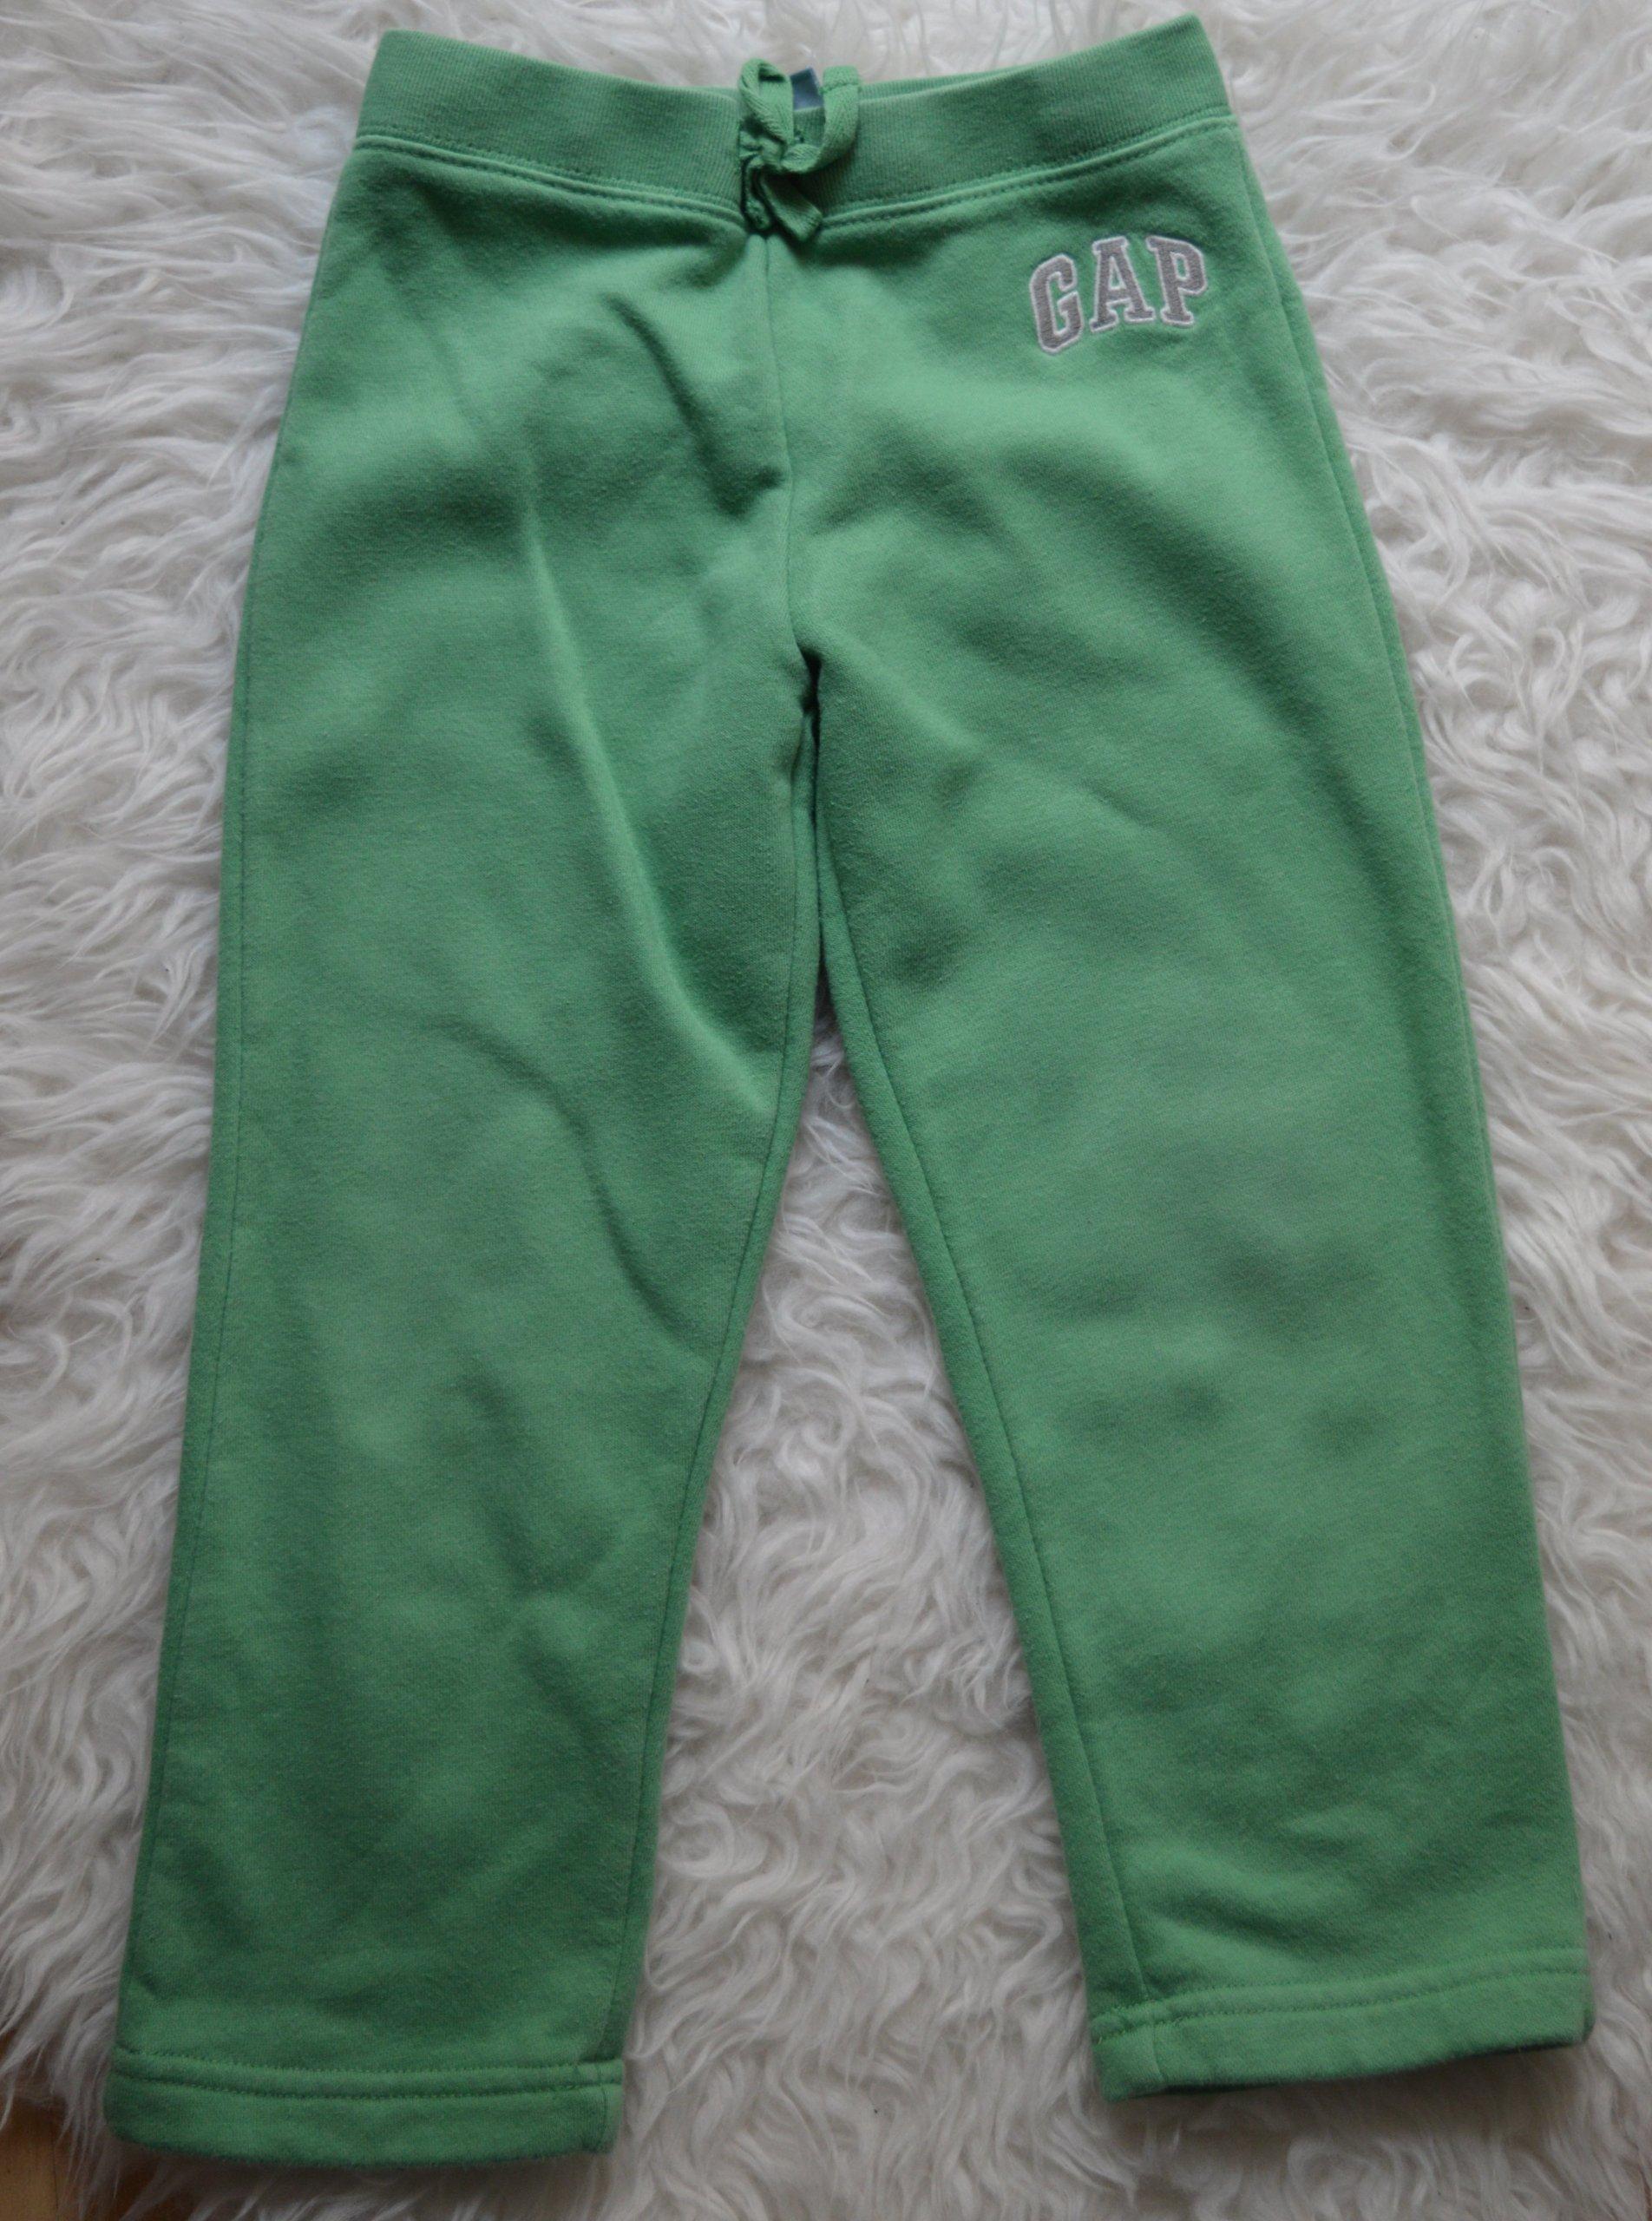 494fd5ee4d4ef1 Spodnie dziecięce GAP DRESY 4 lata 110 stan bdb - 7301617740 ...